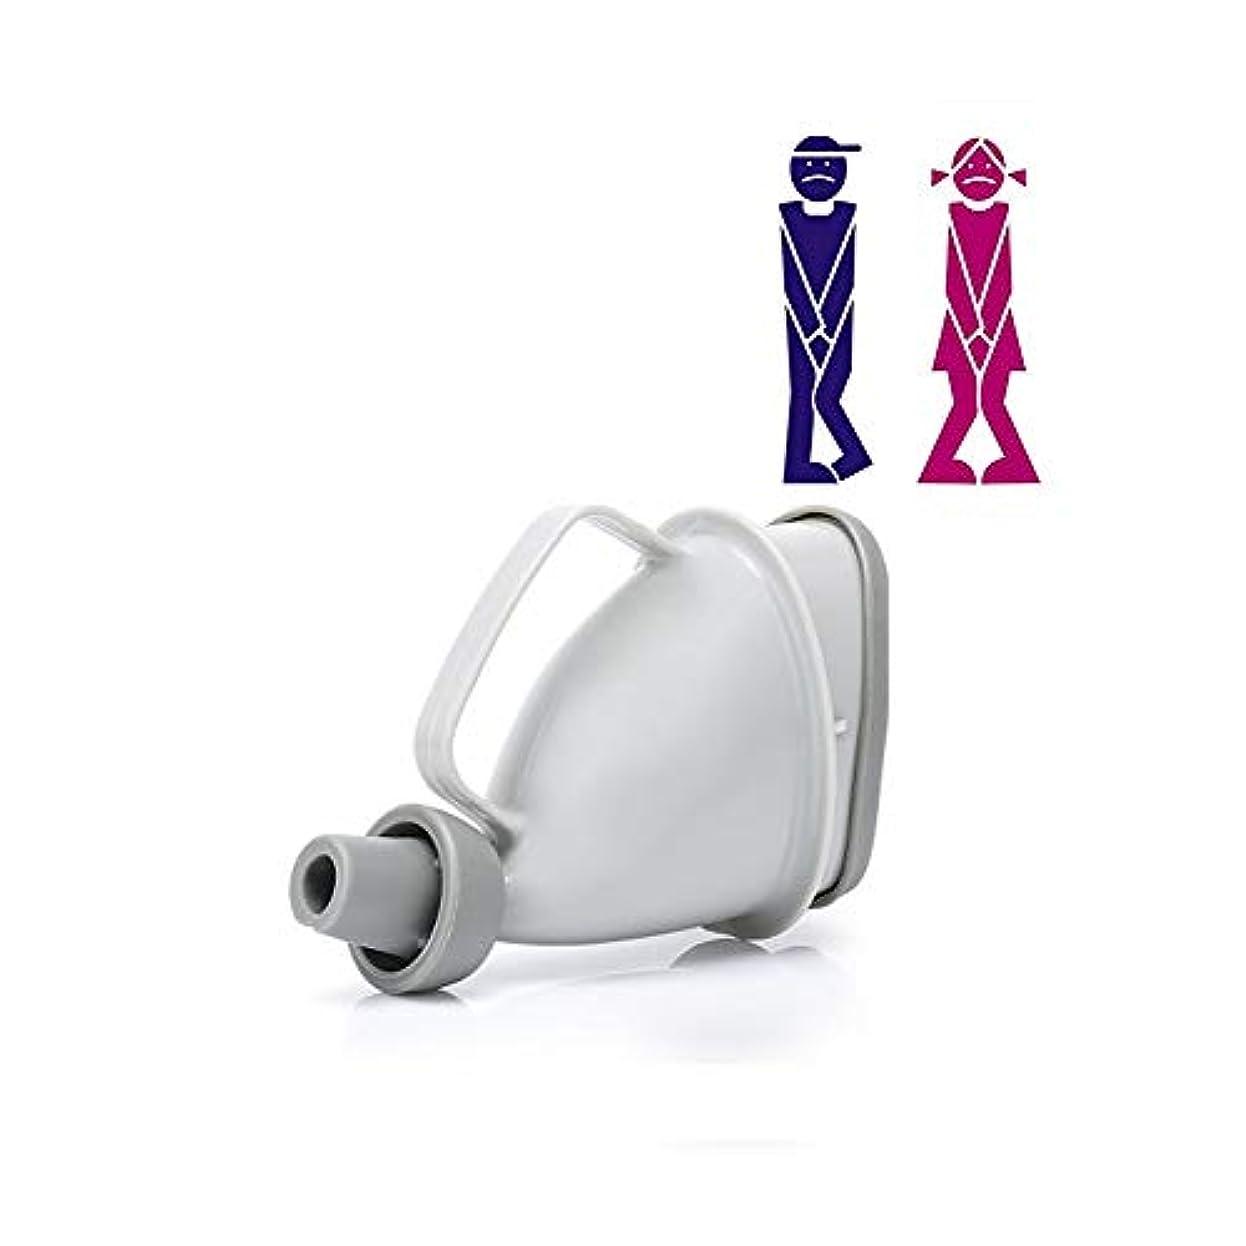 脱獄群衆大臣男女兼用の排尿の便器装置、緊急の座席または地位のための再使用可能な携帯用漏斗の旅行おしっこのびん